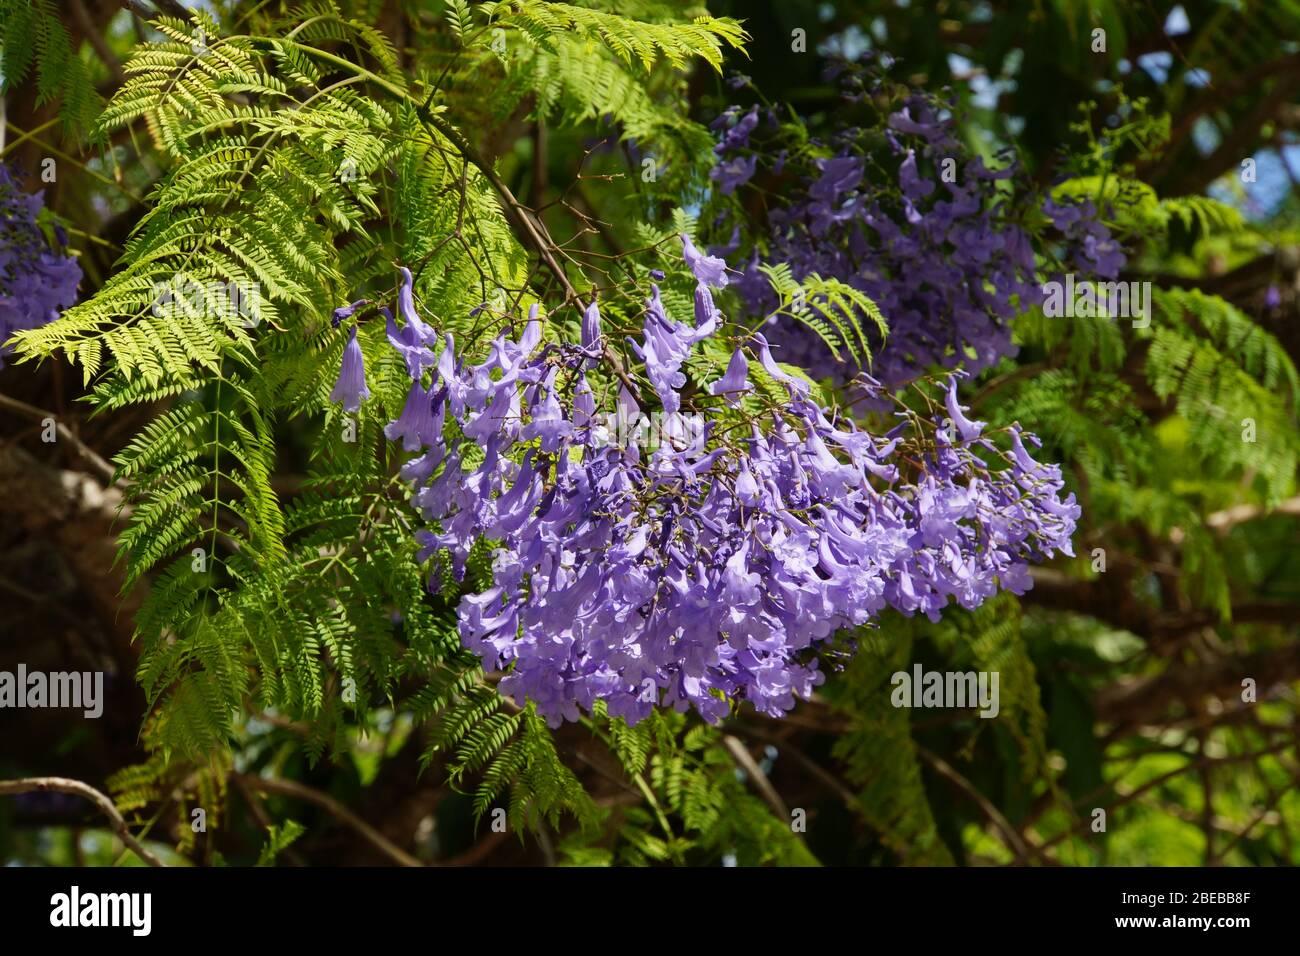 Purple Flowers Of The Jacaranda Tree Stock Photo Alamy